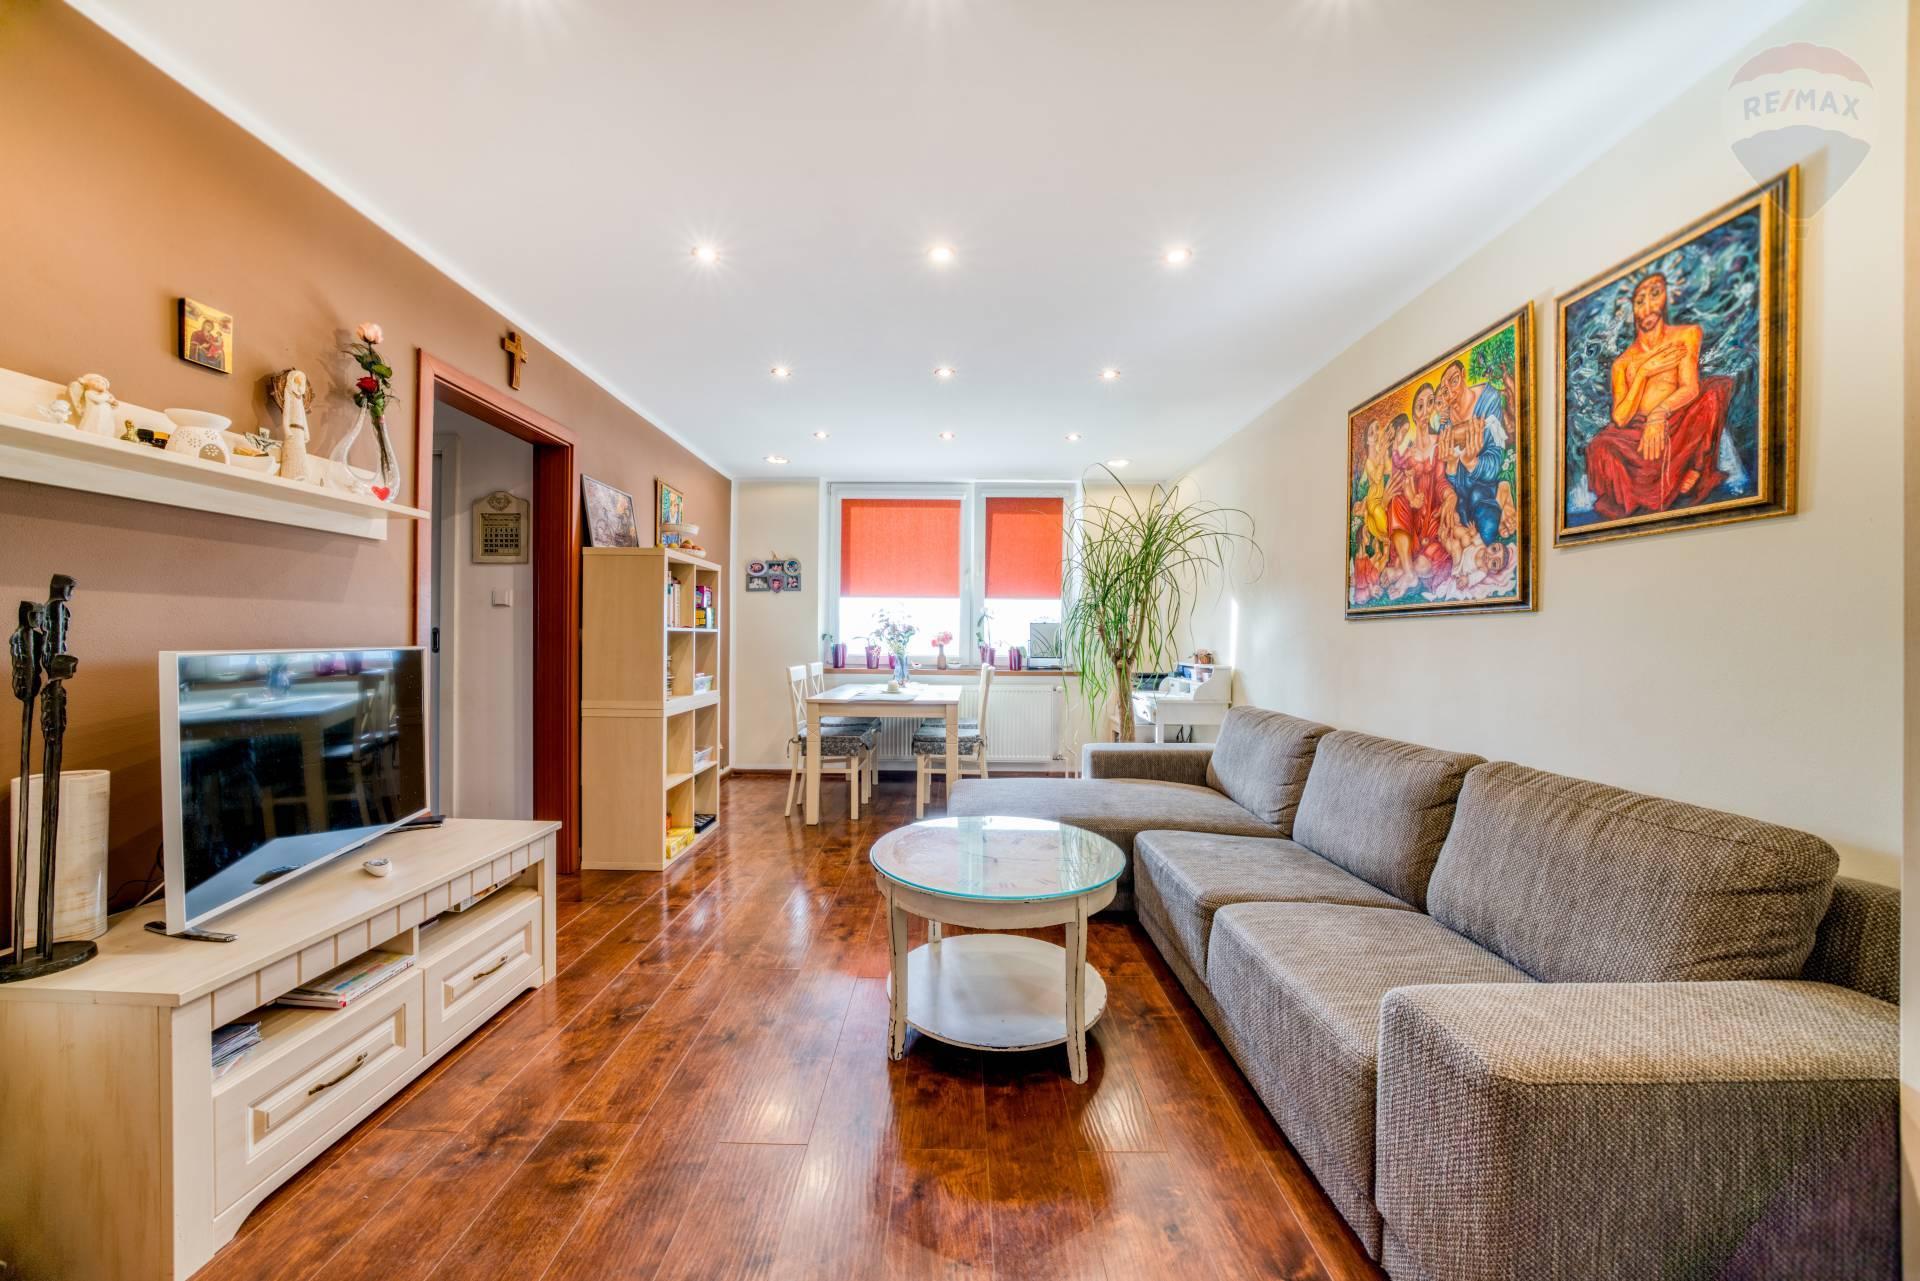 REZERVOVANÉ. Predaj 3 izbový byt v Prešove na Sídlisku III